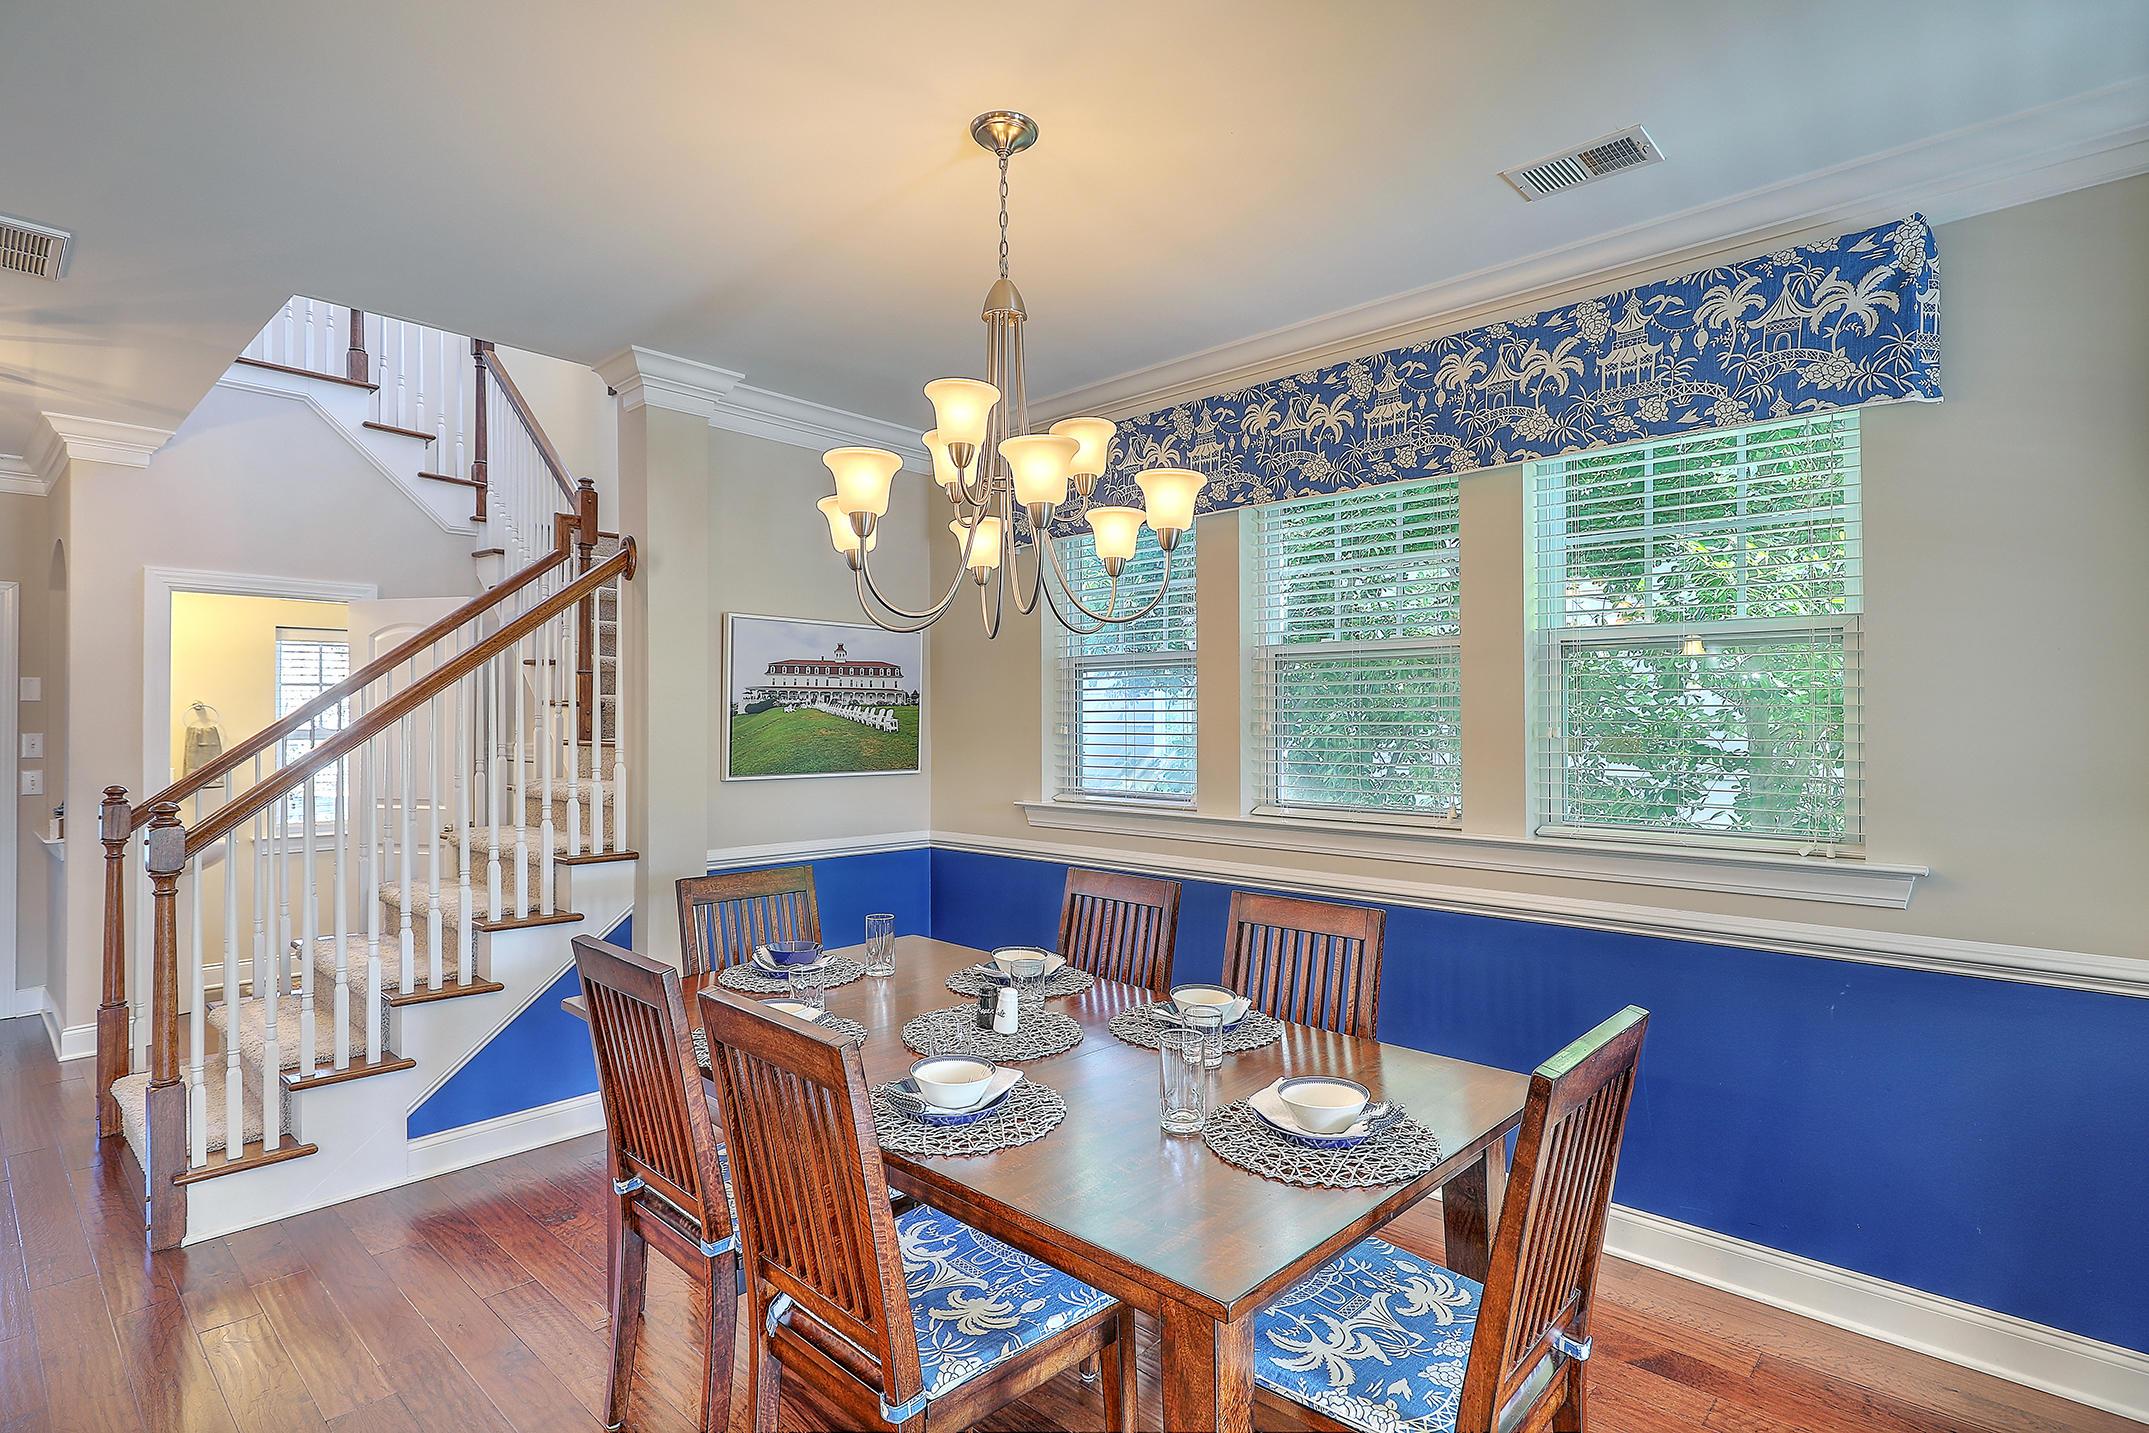 Carnes Crossroads Homes For Sale - 627 Van Buren, Summerville, SC - 30